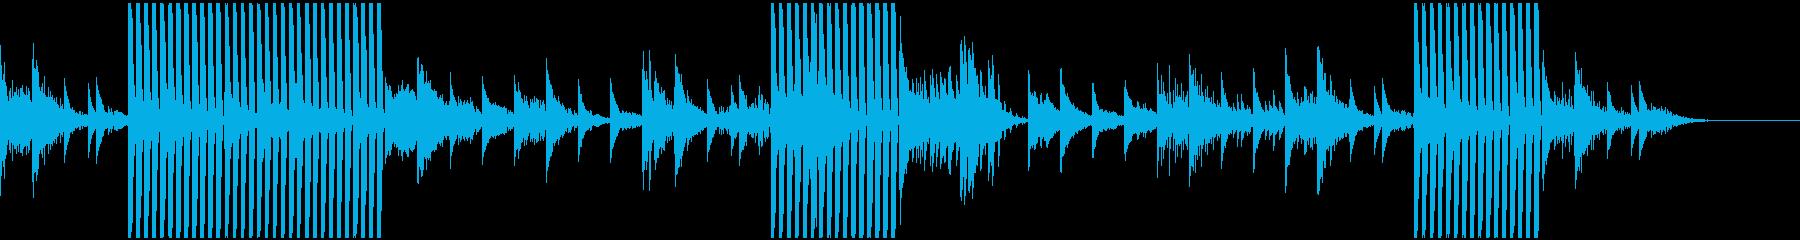 見えない力に導かれる様子のサウンドの再生済みの波形